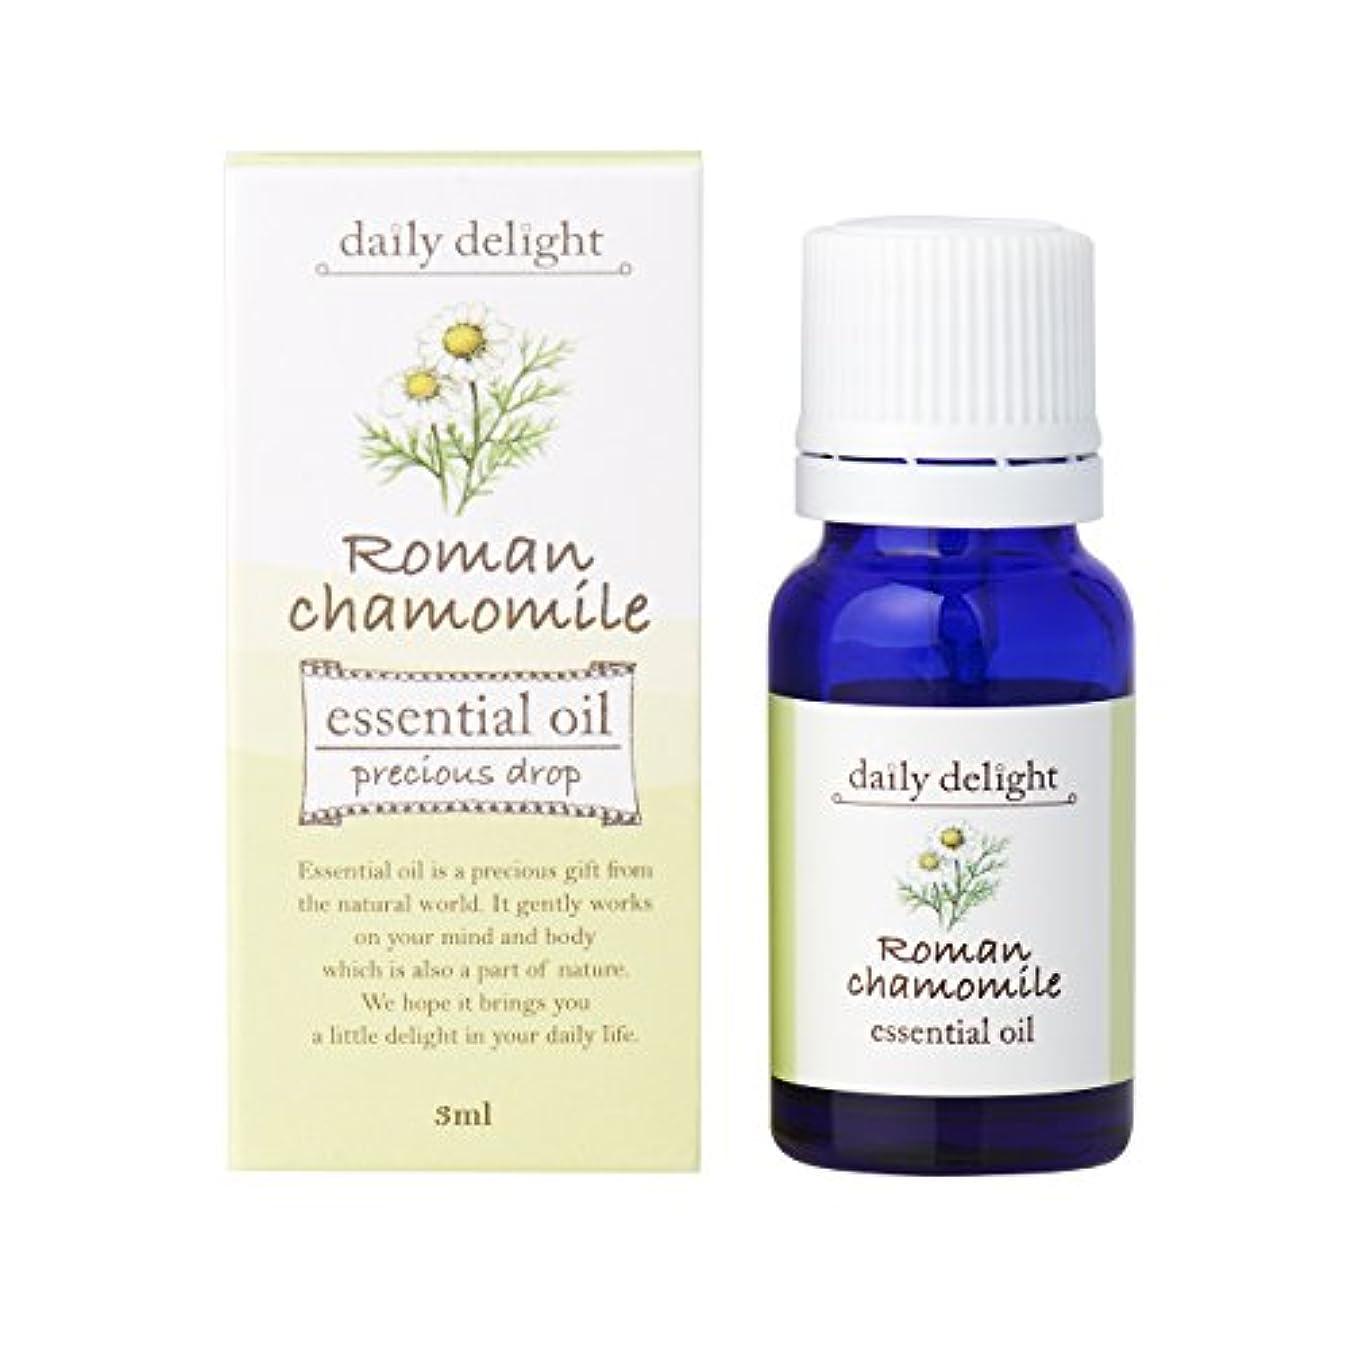 ラッシュキャビンカイウスデイリーディライト エッセンシャルオイル ローマンカモミール 3ml(天然100% 精油 アロマ フローラル系 青リンゴに似た香り)